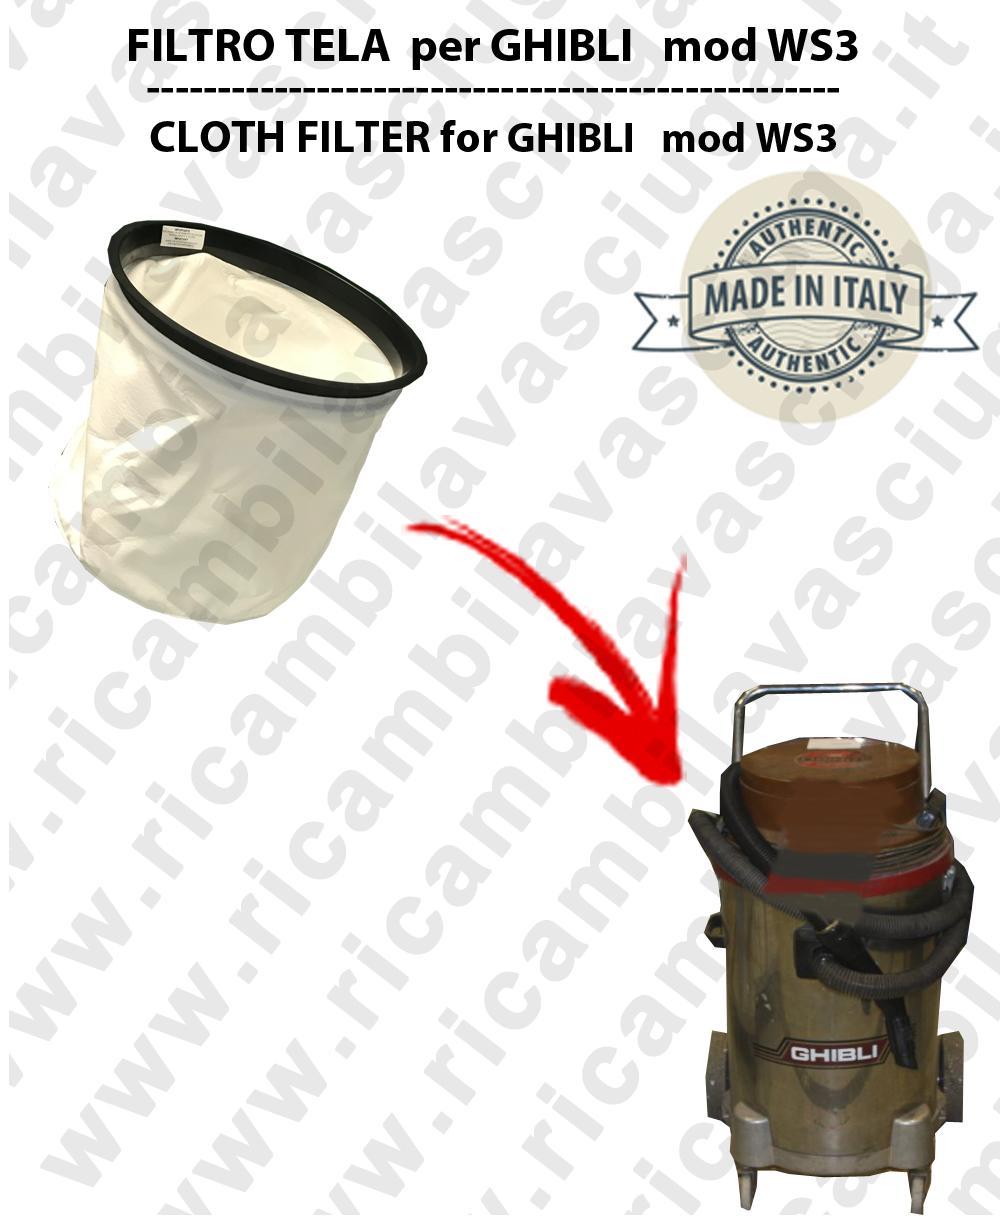 Filtre de toile pour aspirateurs GHIBLI modele WS3